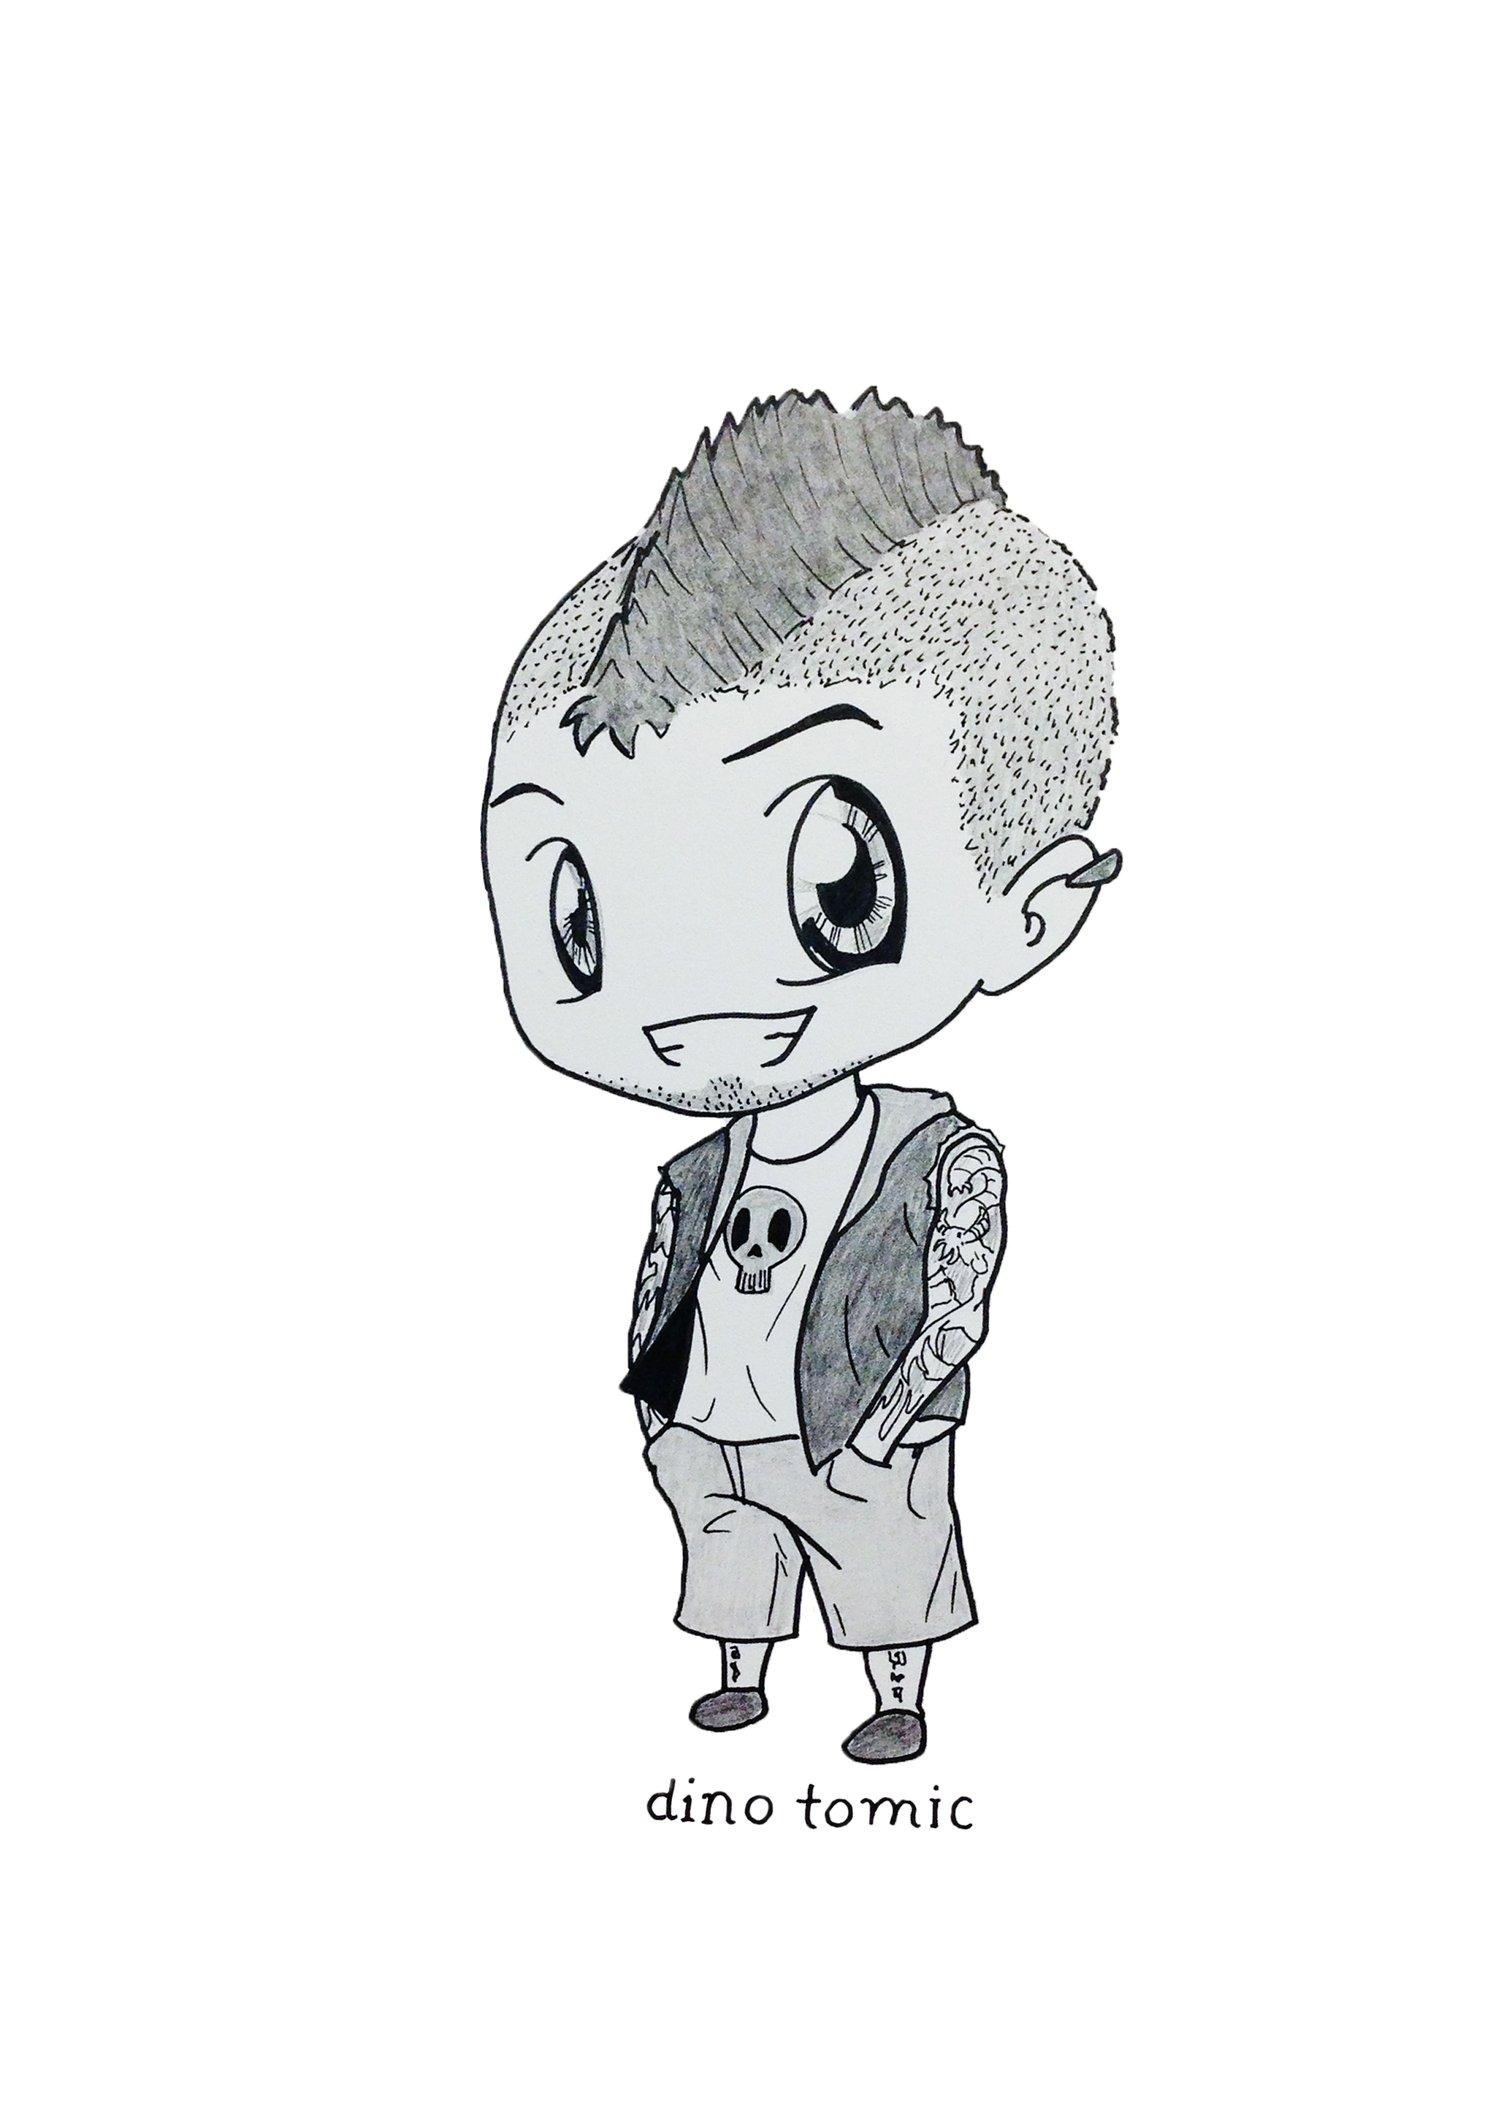 Image of #45 Chibi Dino Tomic